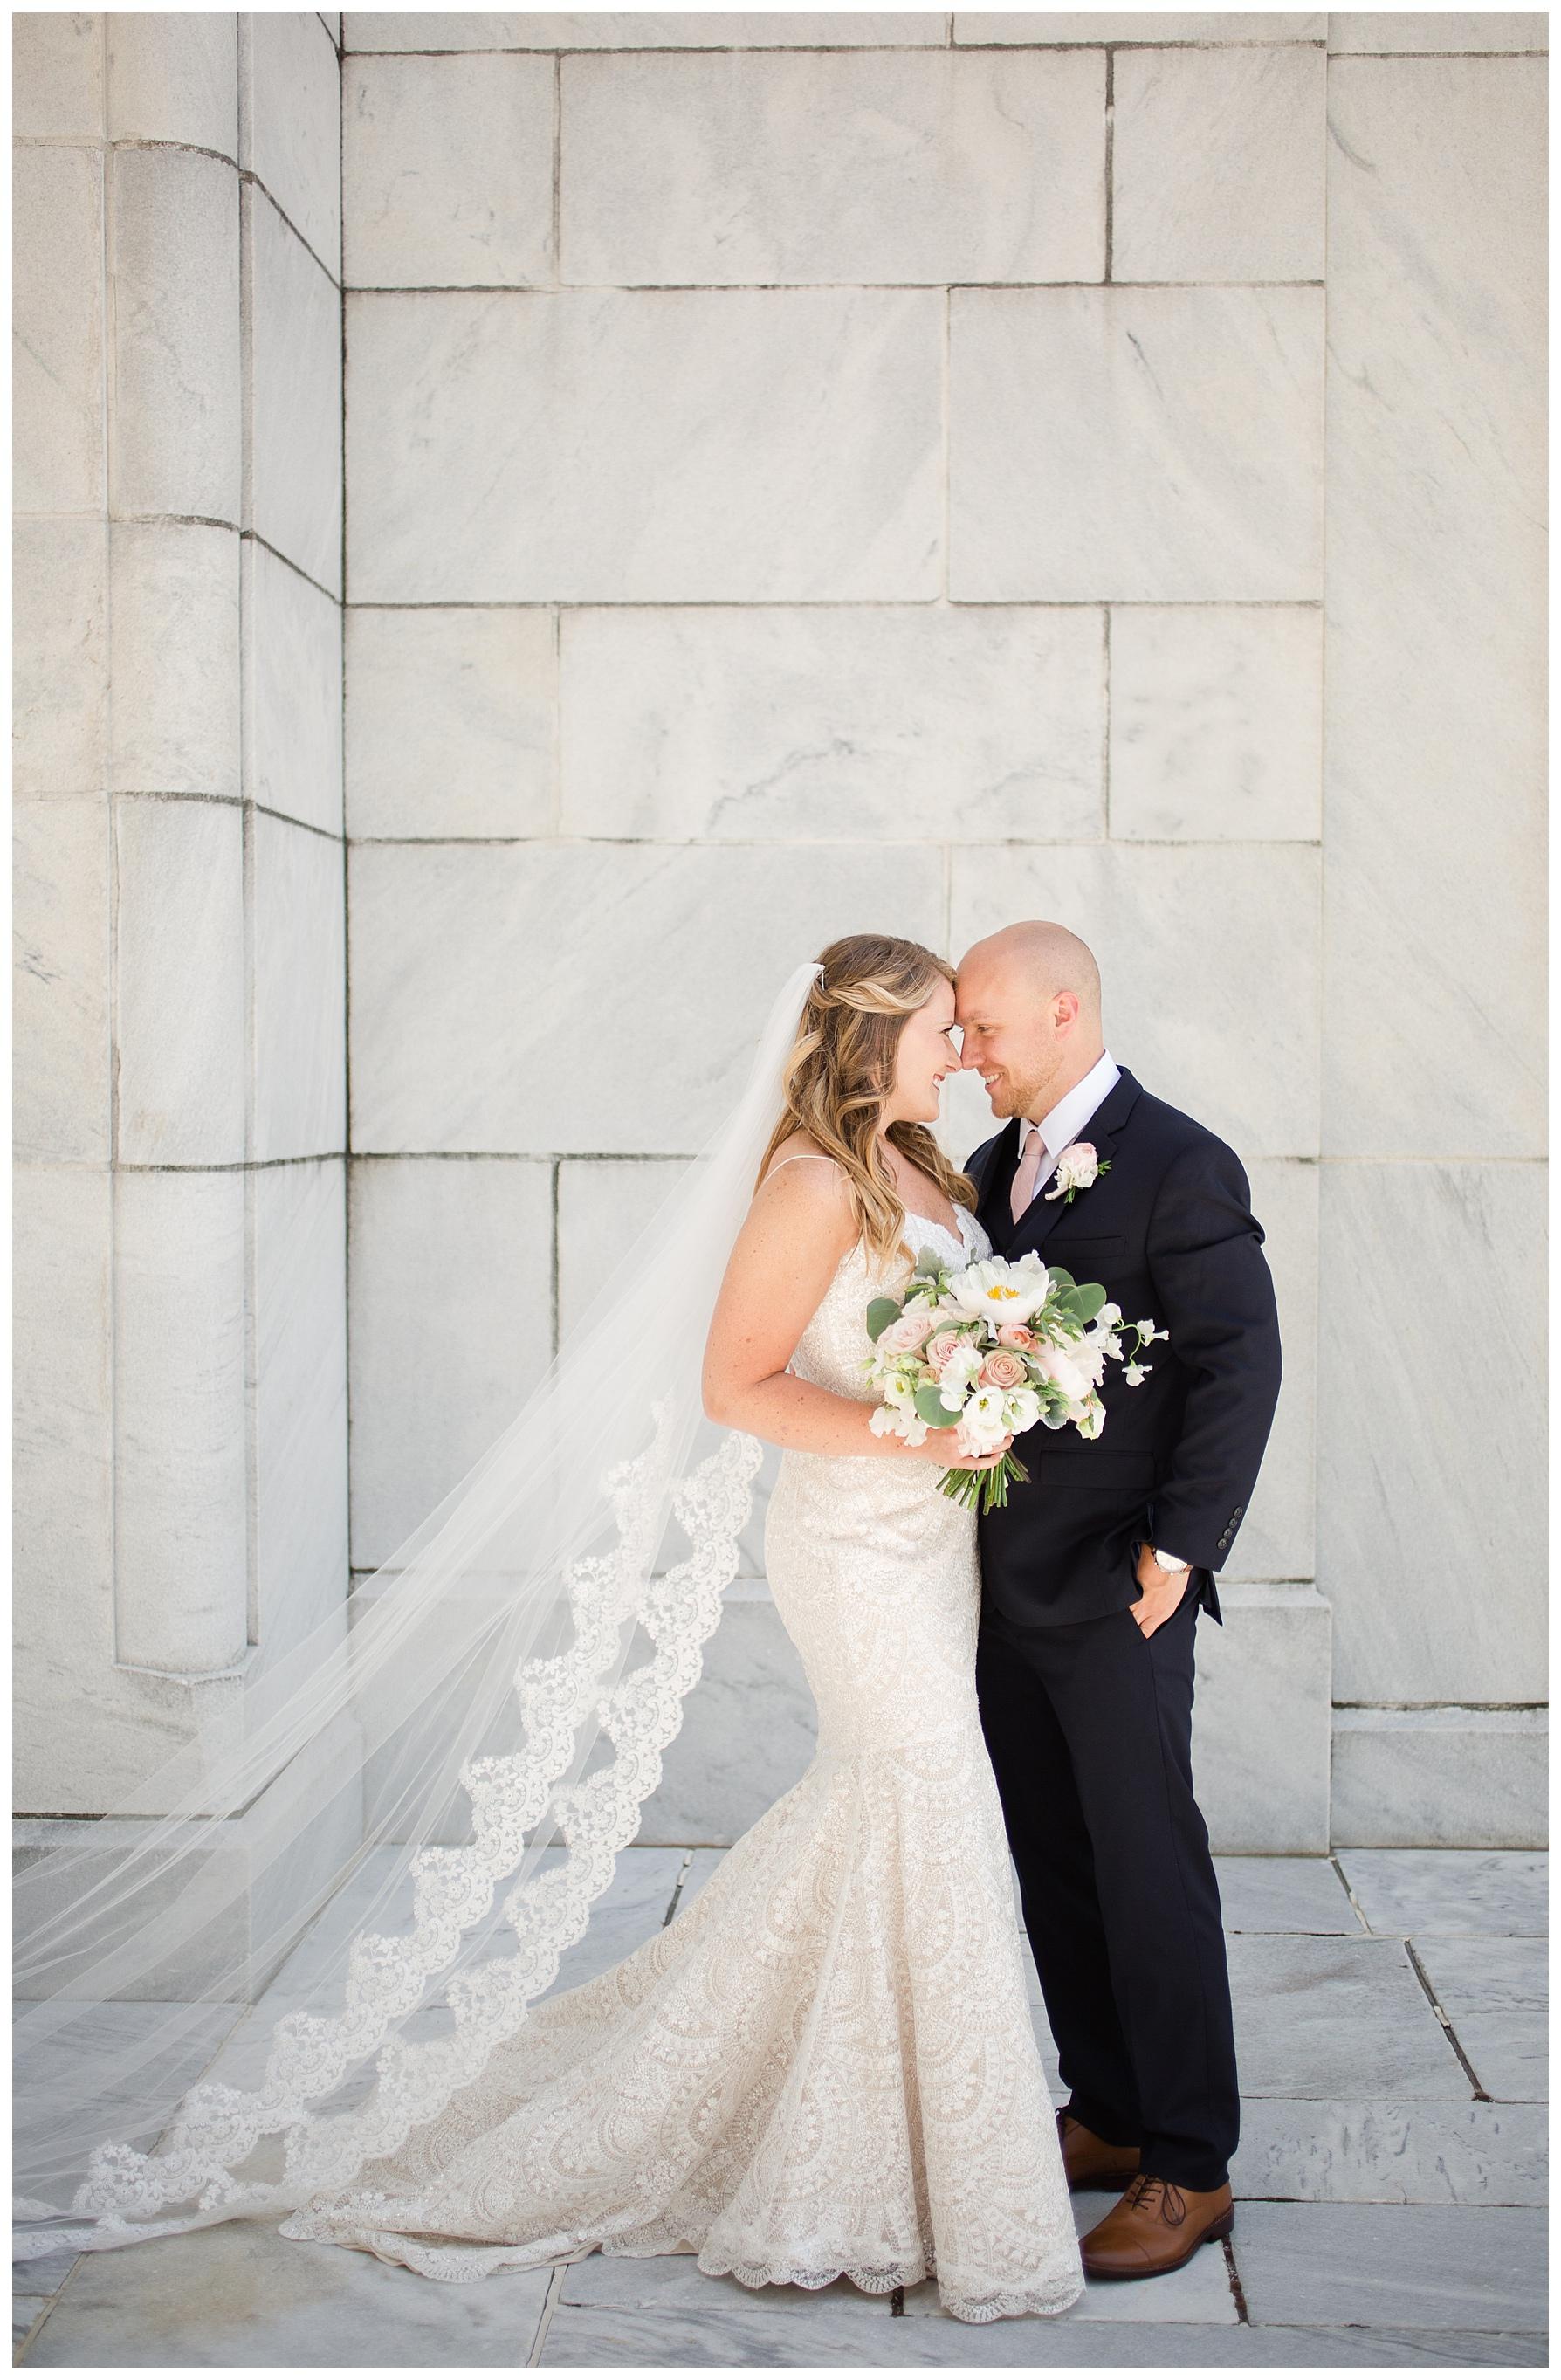 columbus-wedding-portratis-bride-groom_0033.jpg